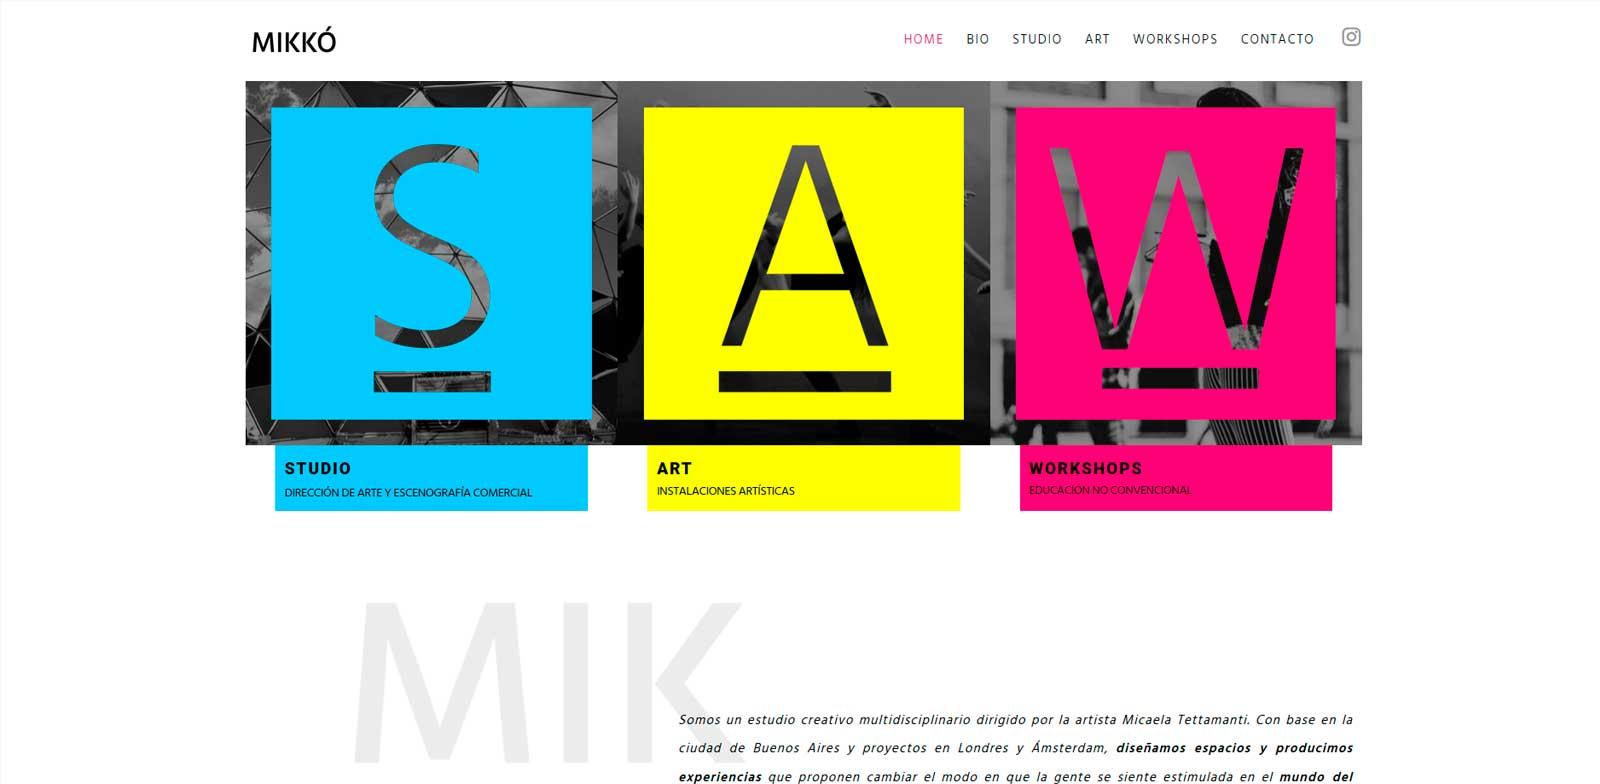 mikko-web